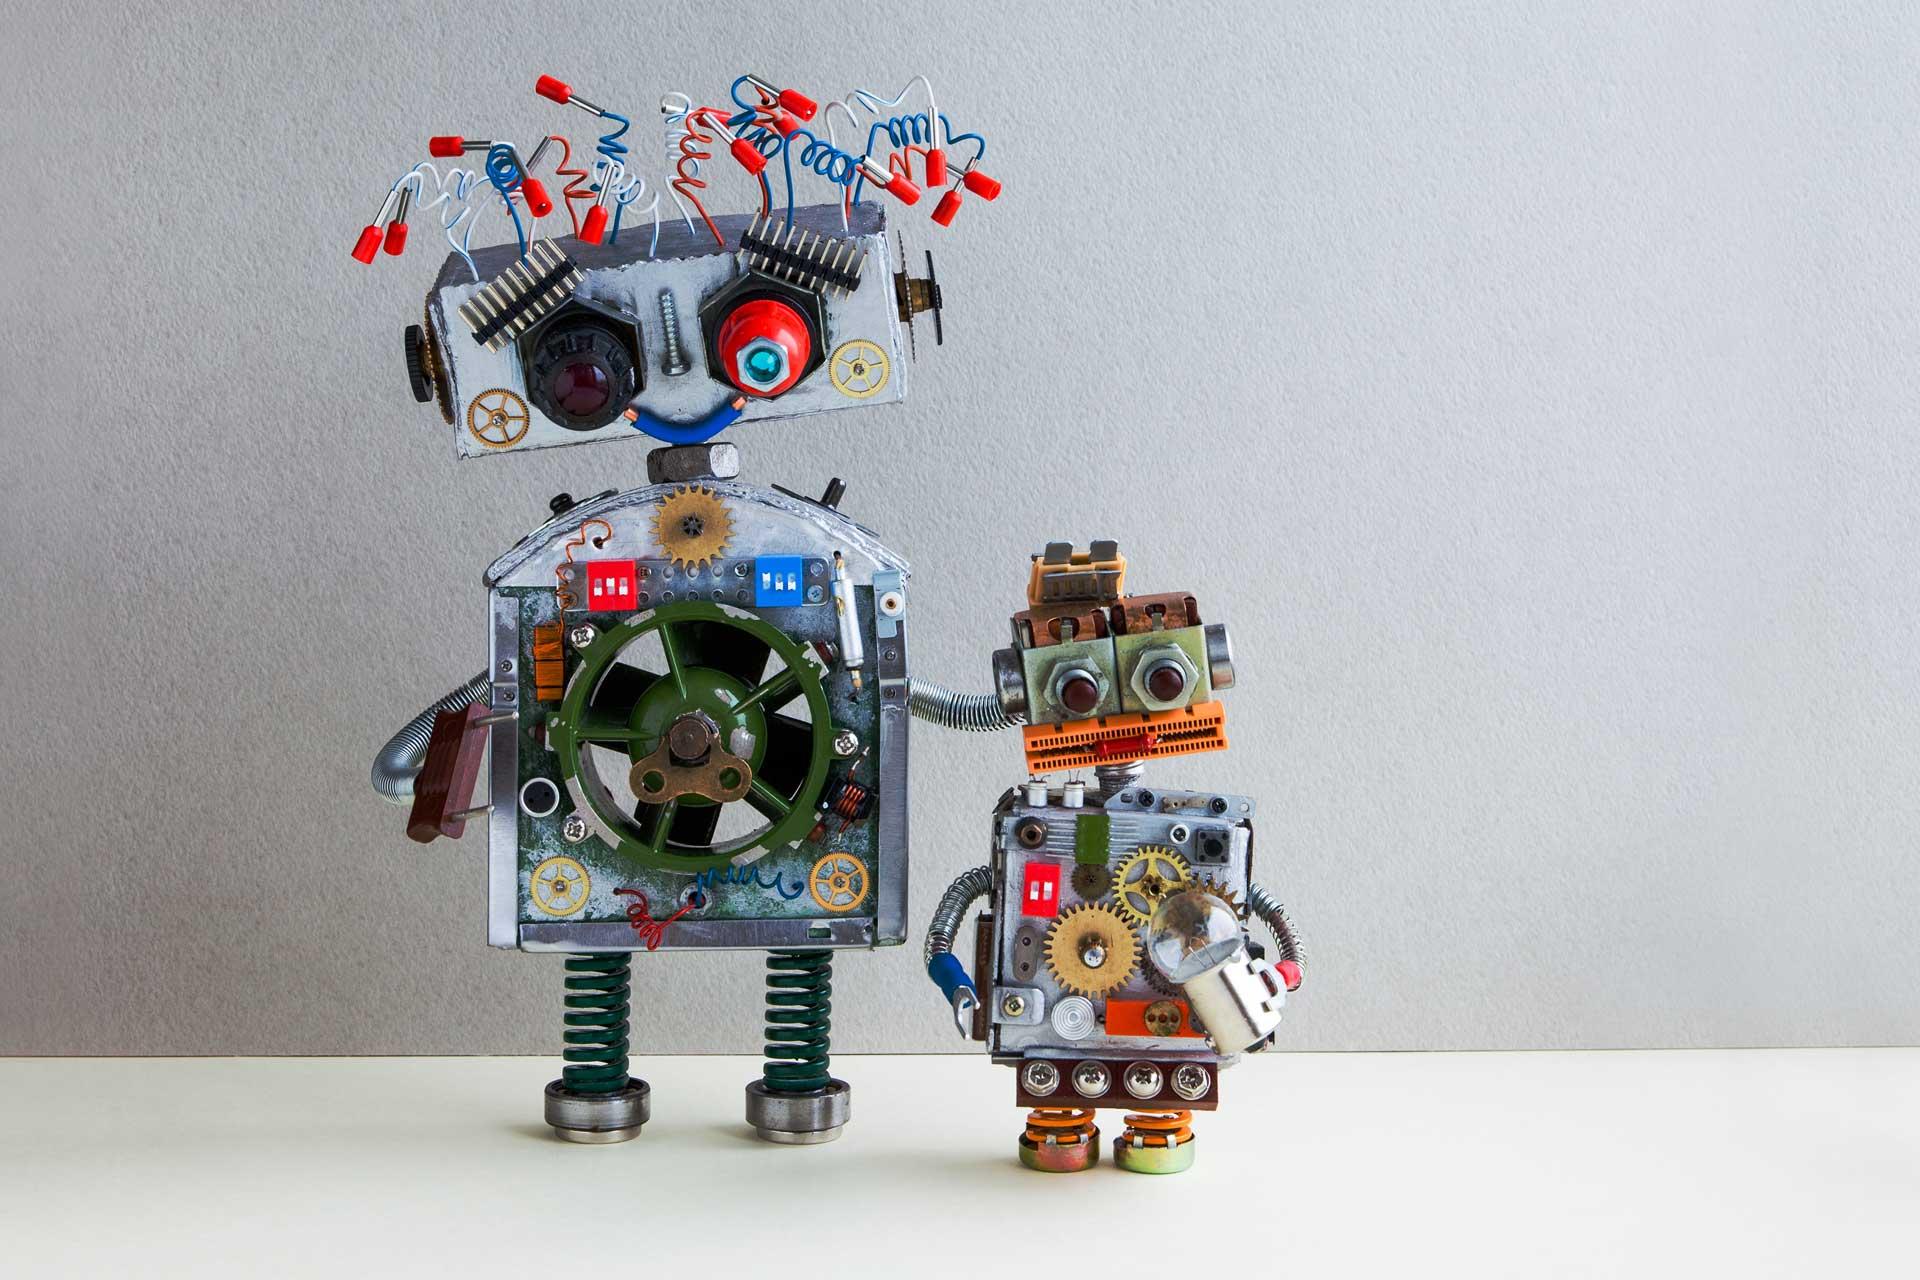 1920x1280-robots